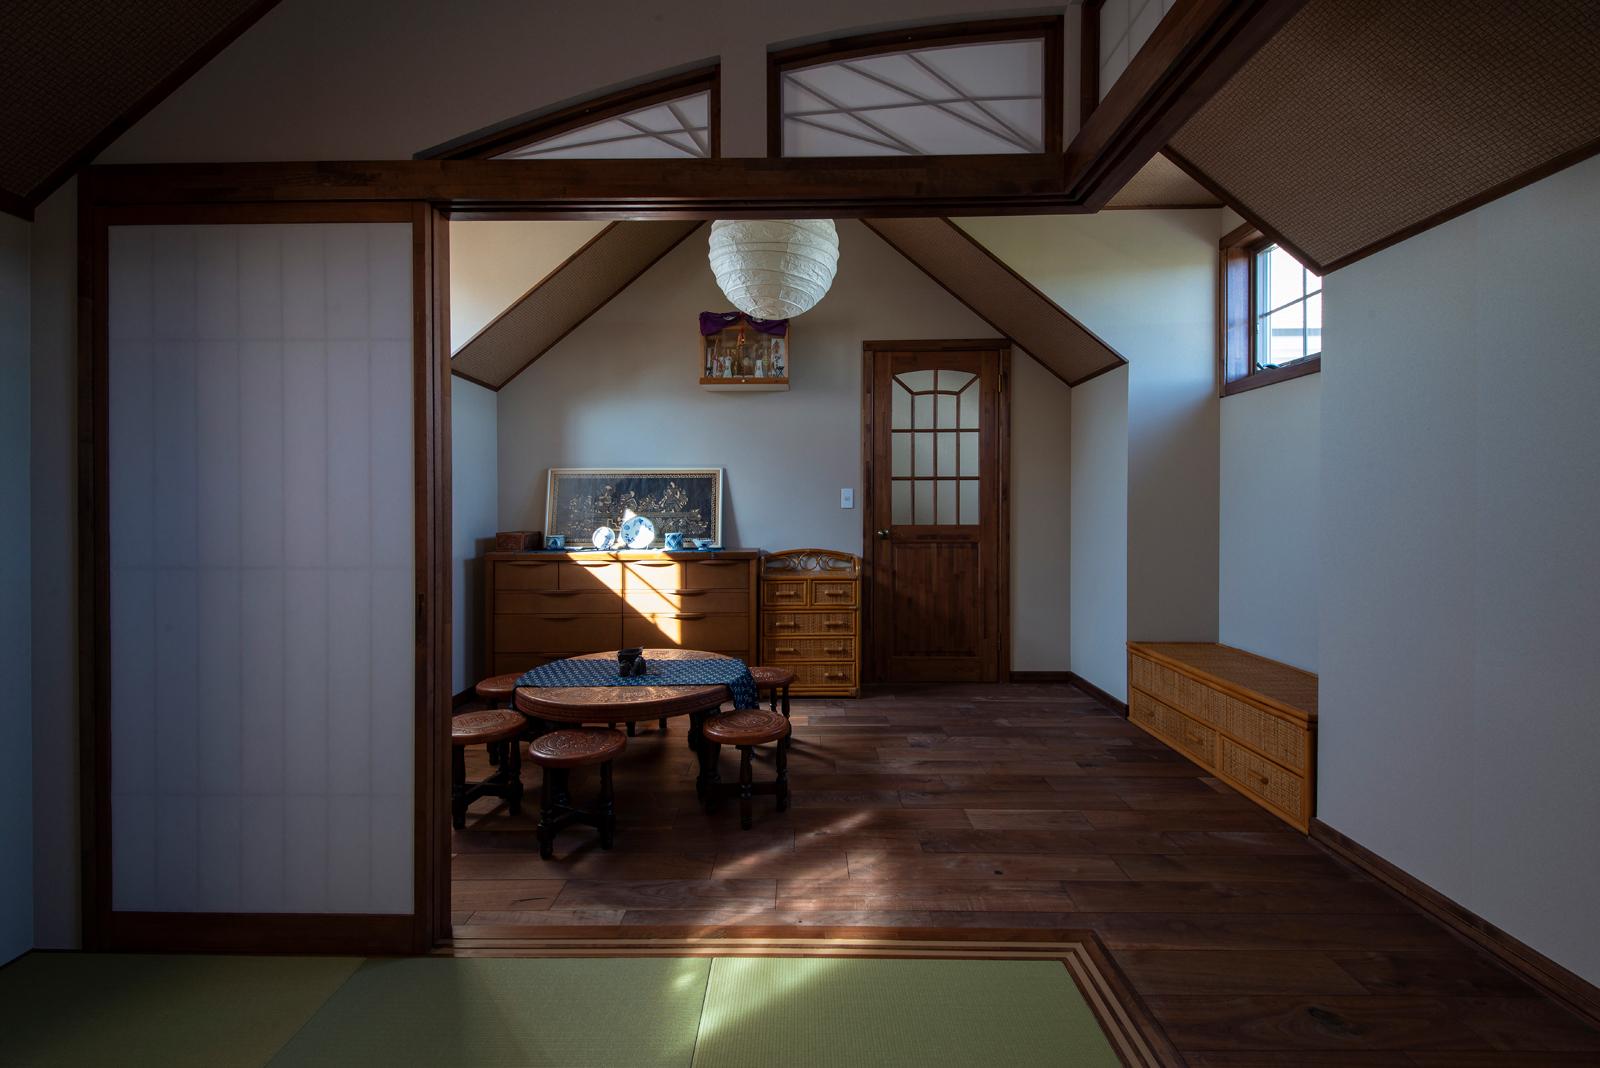 2階階段ホールに隣接して設けられた客間は、親世帯寝室との緩衝エリア。カフェ空間は、この和室と寝室の下にある。階下に生活音を響かせない間取りの妙も、とかち工房ならでは